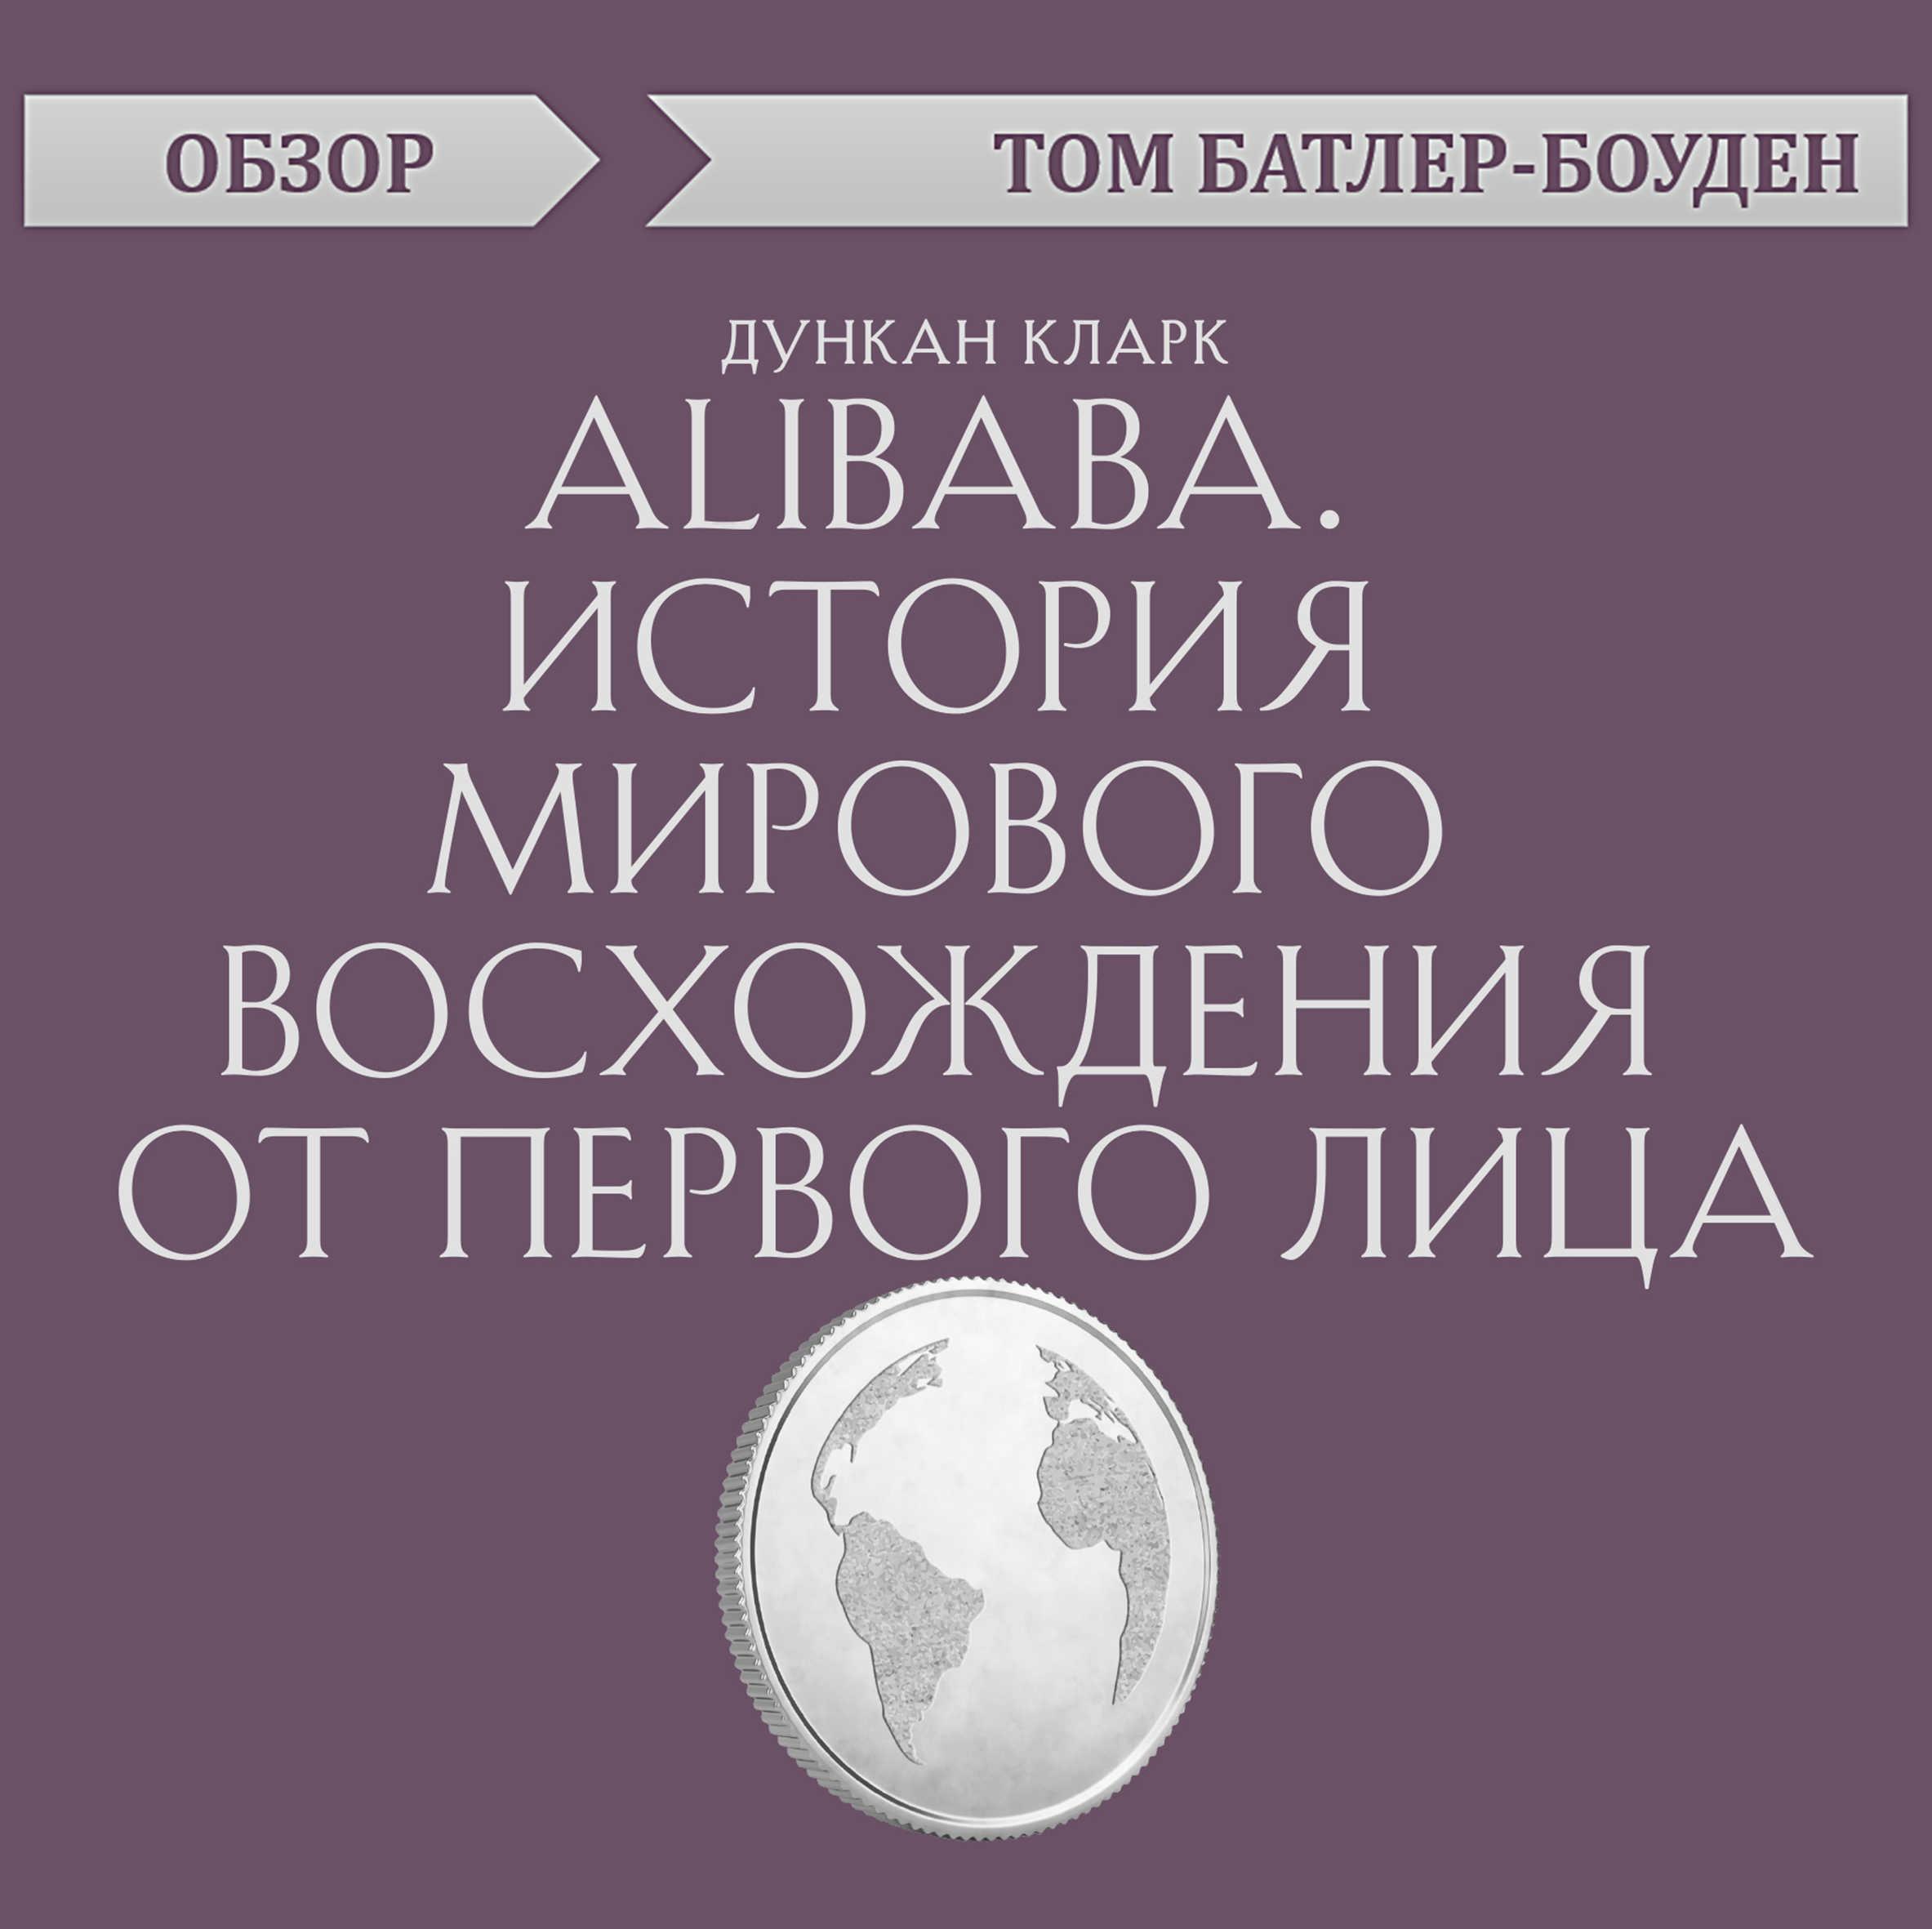 Alibaba. История мирового восхождения от первого лица. Дункан Кларк (обзор)